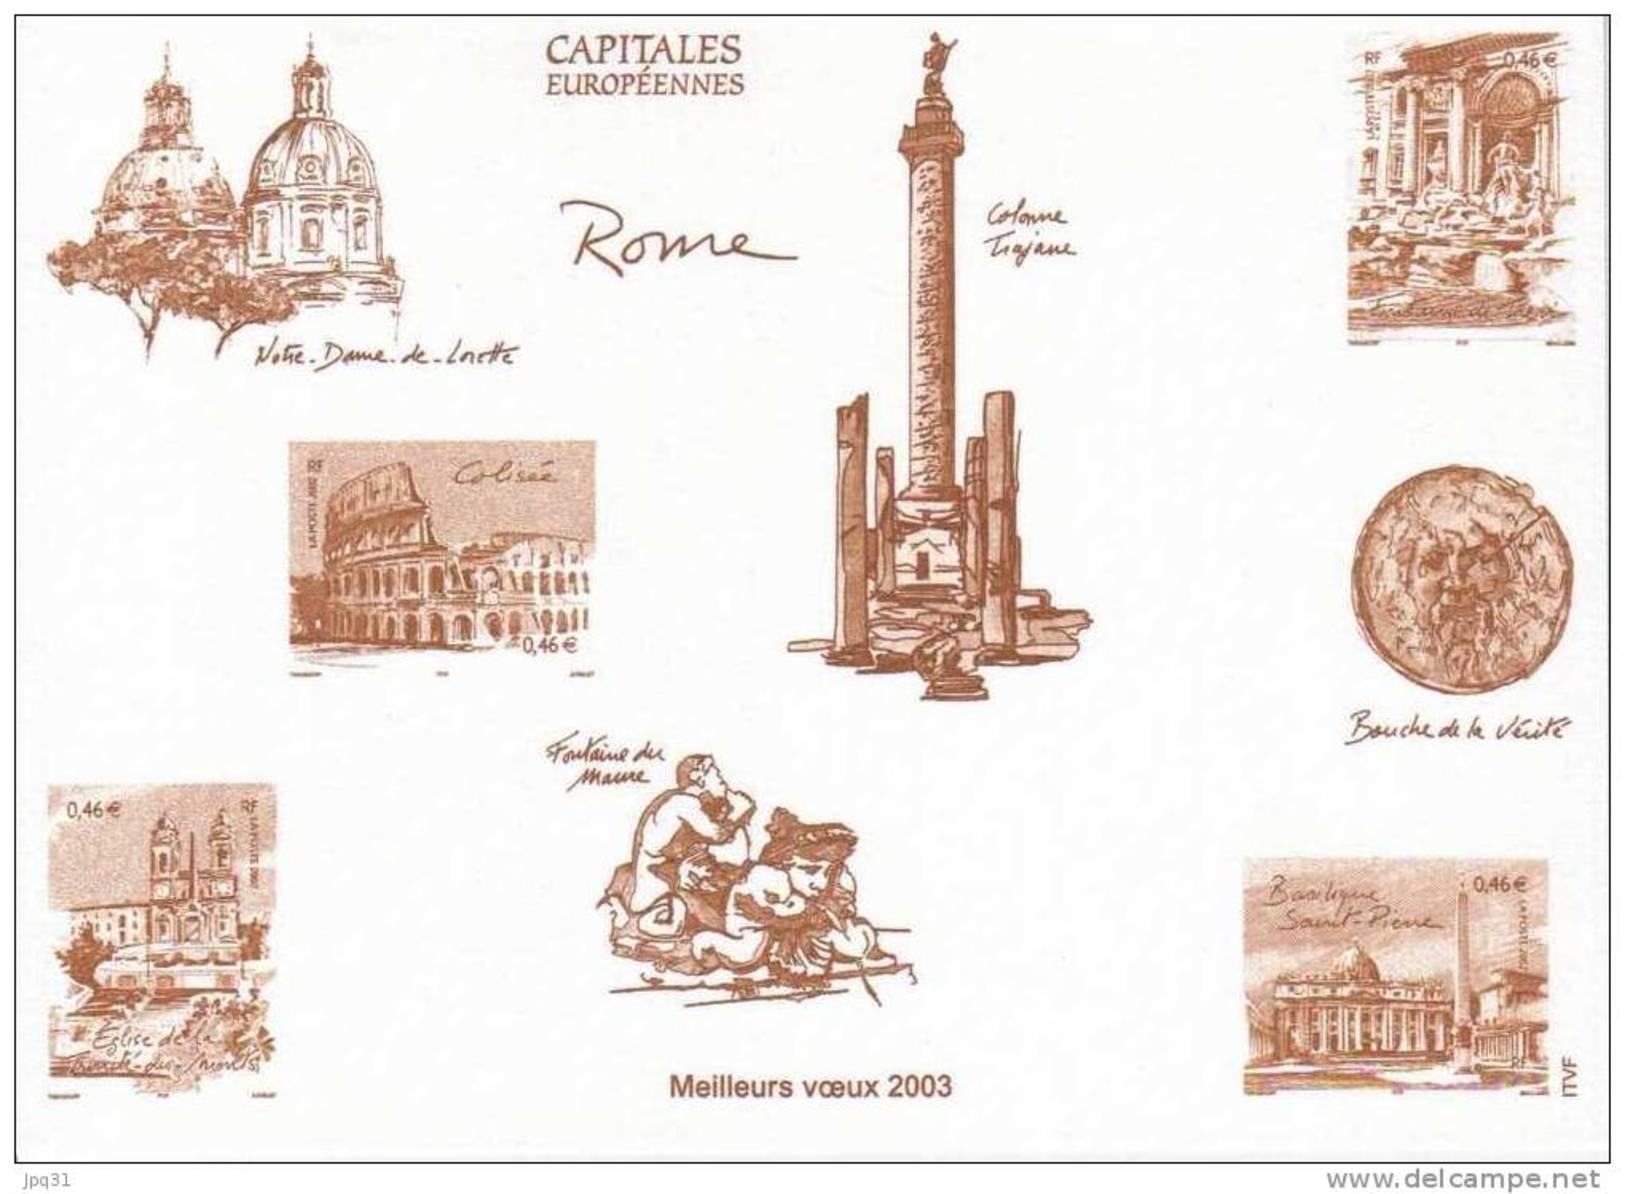 Gravure De La Poste Capitales Européennes : Rome - Documents De La Poste